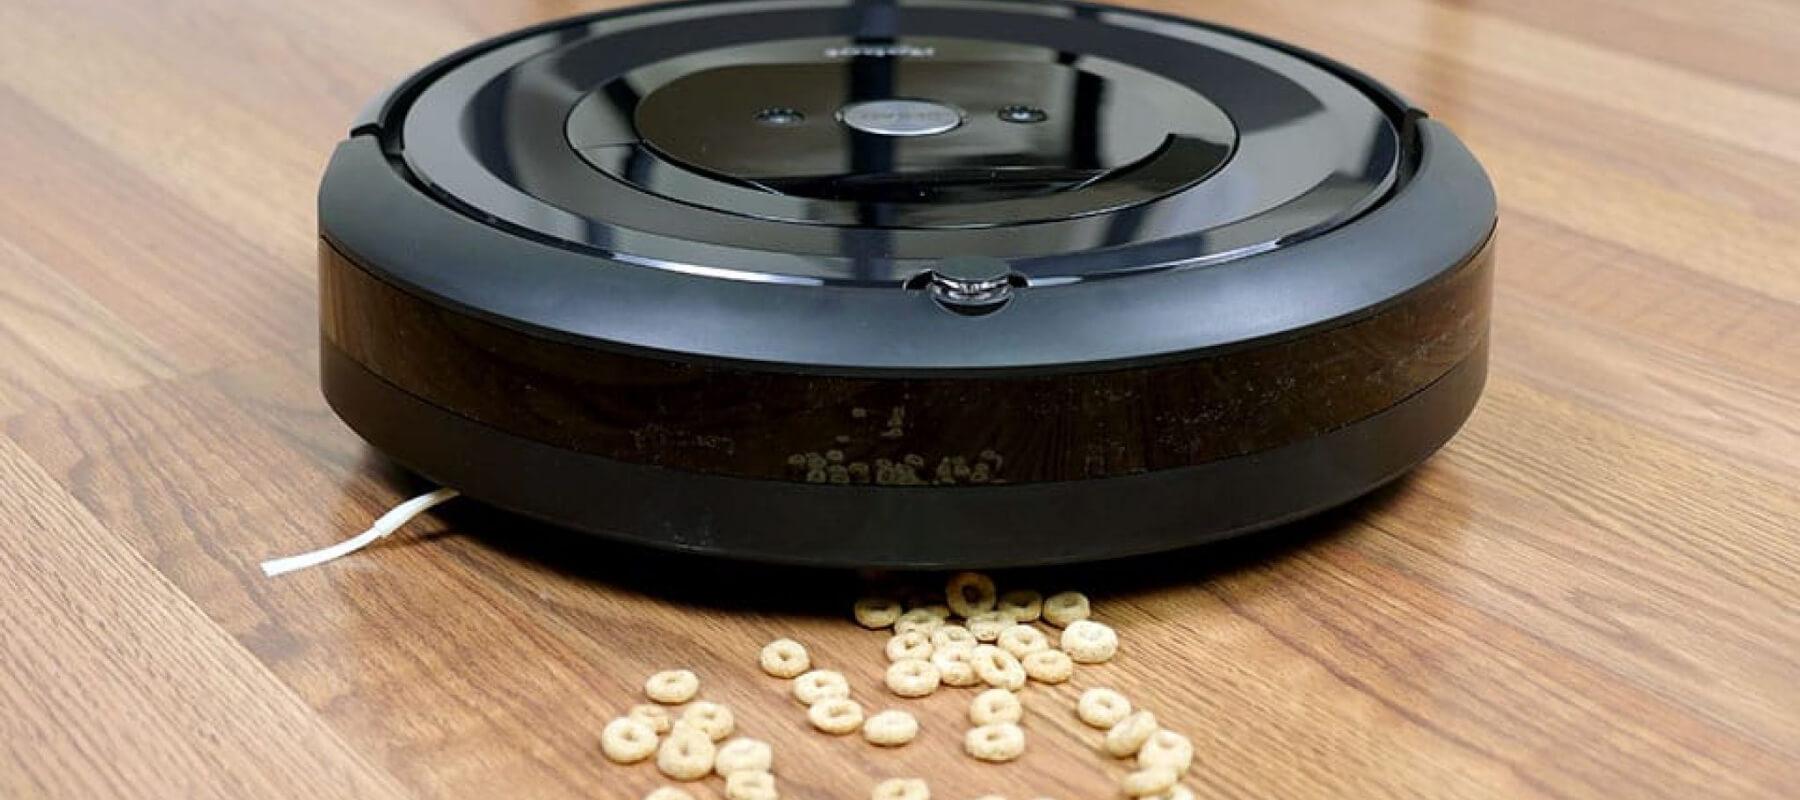 Roomba e5 robotporszívó